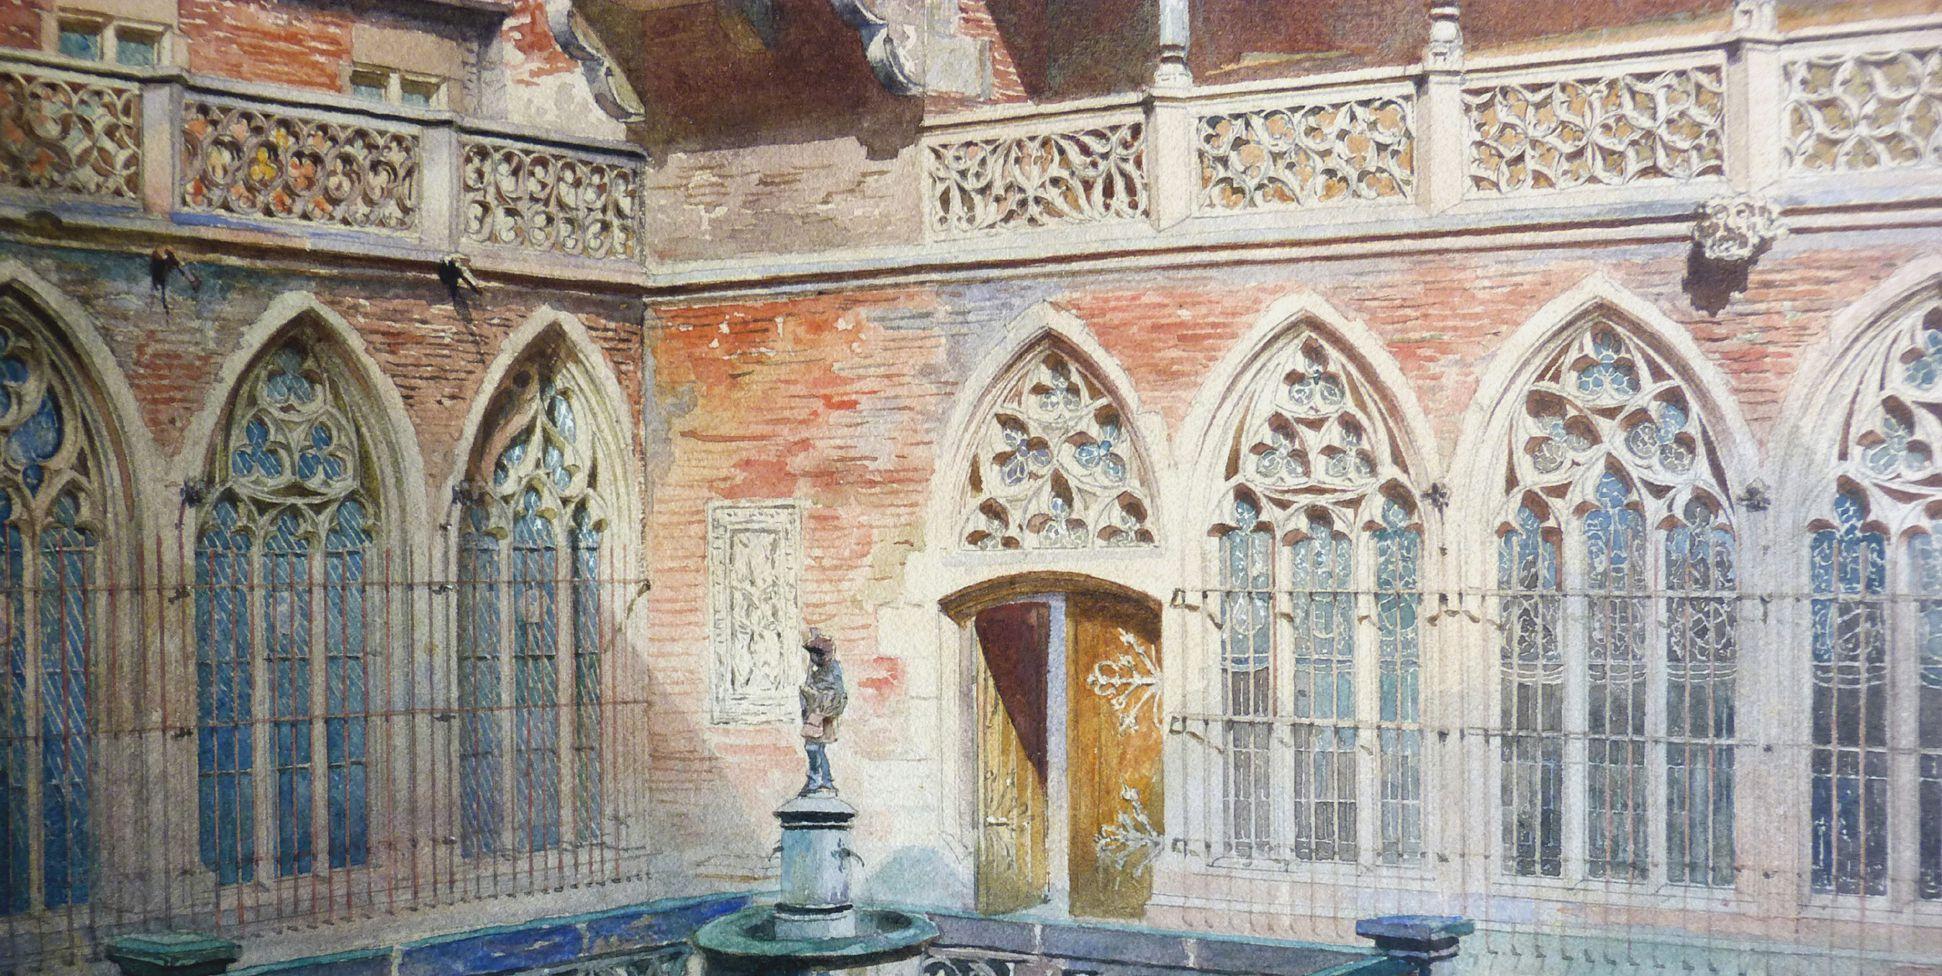 GNM, Augustinerbau, sog. Wittelsbacher Hof, mit Wittelsbacher Uhr Hof, Detailansicht